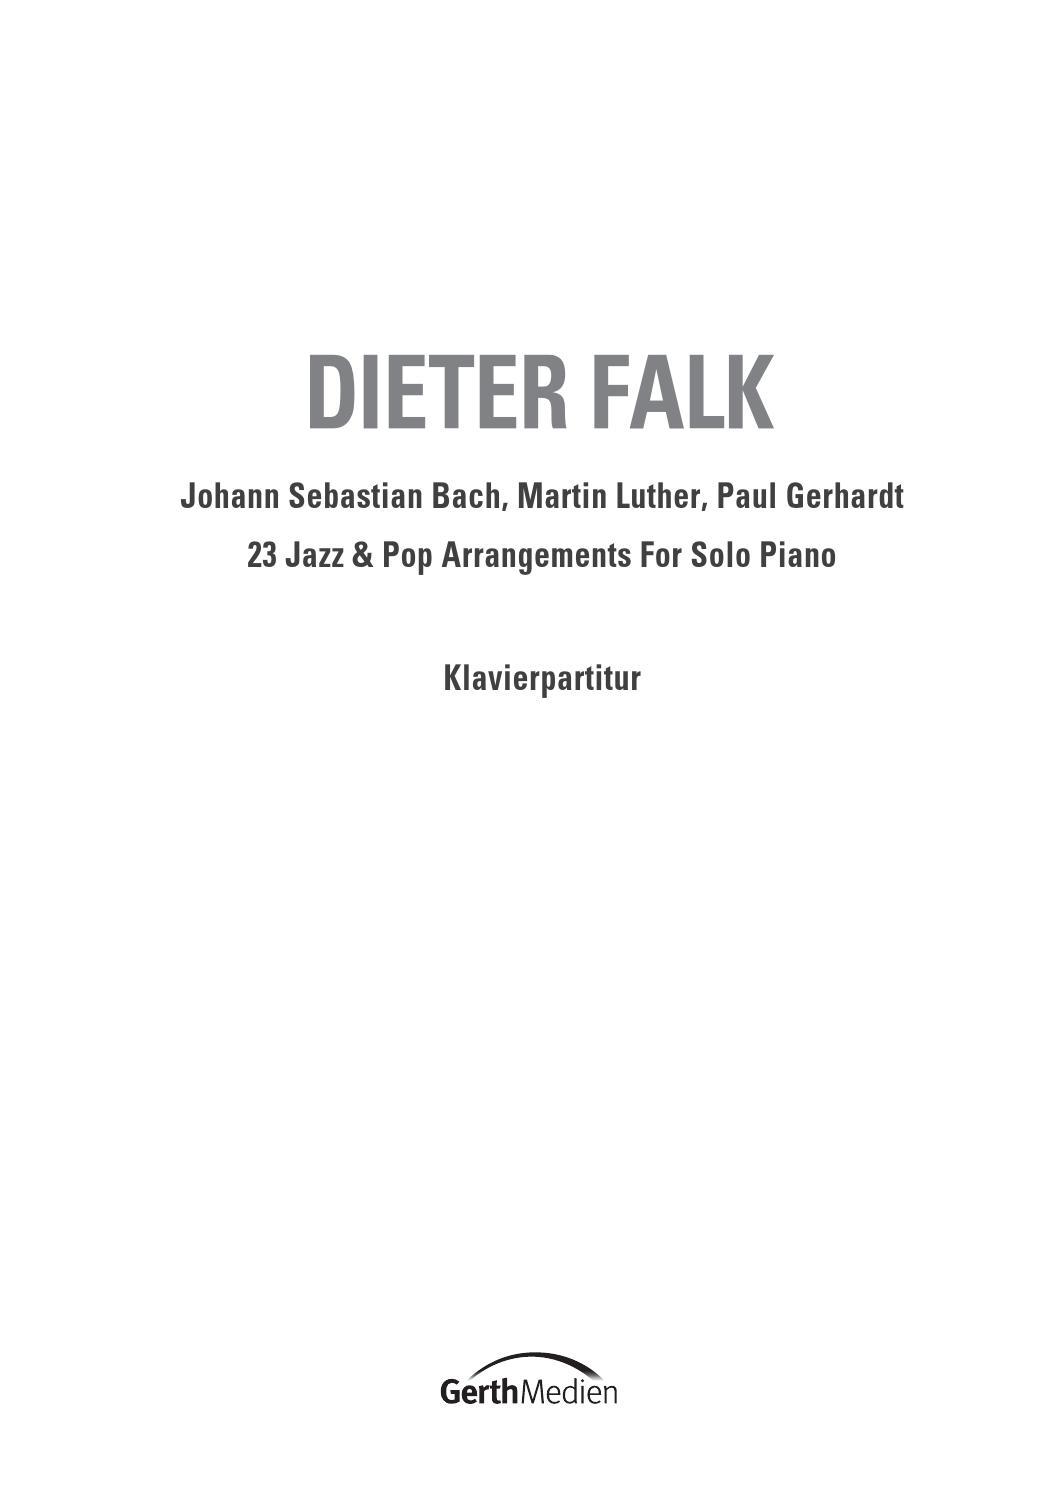 857515 Dieter Falk Klavier Noten Piano Sons Pop Oratorium Paul Gerhardt Jazz Martin Luther Bach 9783 By Gerth Medien Issuu